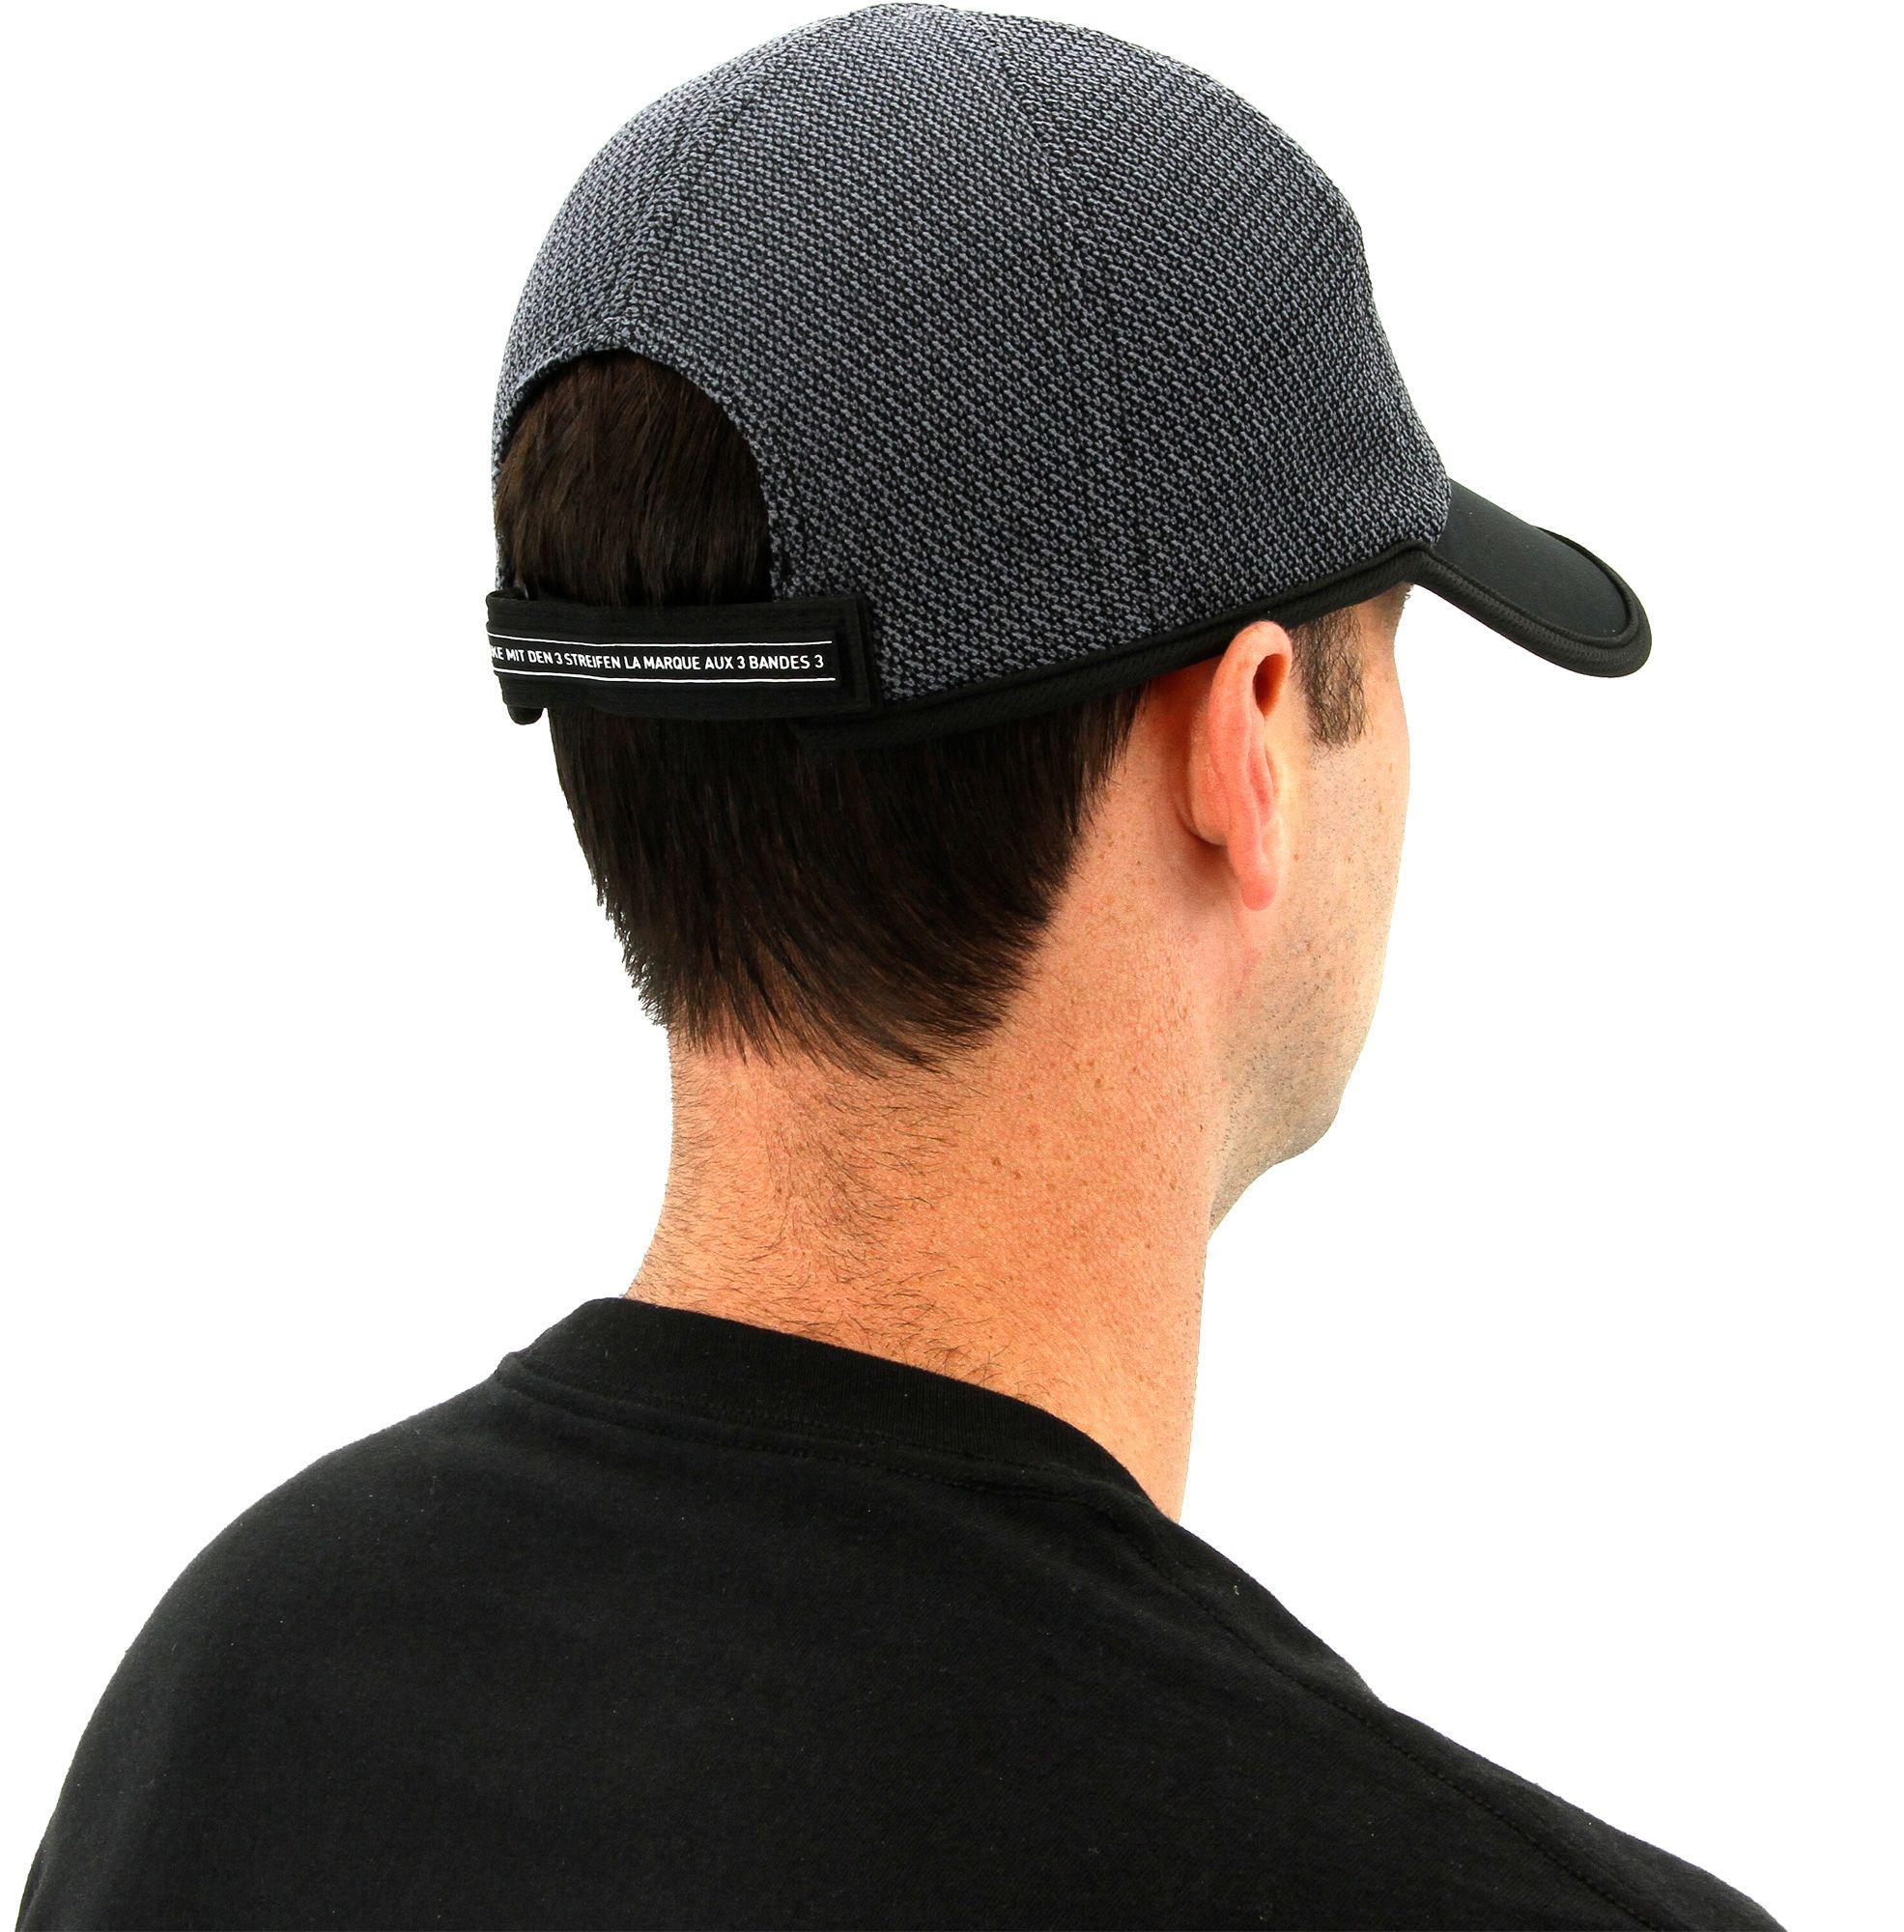 Lyst - adidas Originals Originals Nmd Prime Hat in Black for Men 05adf786722